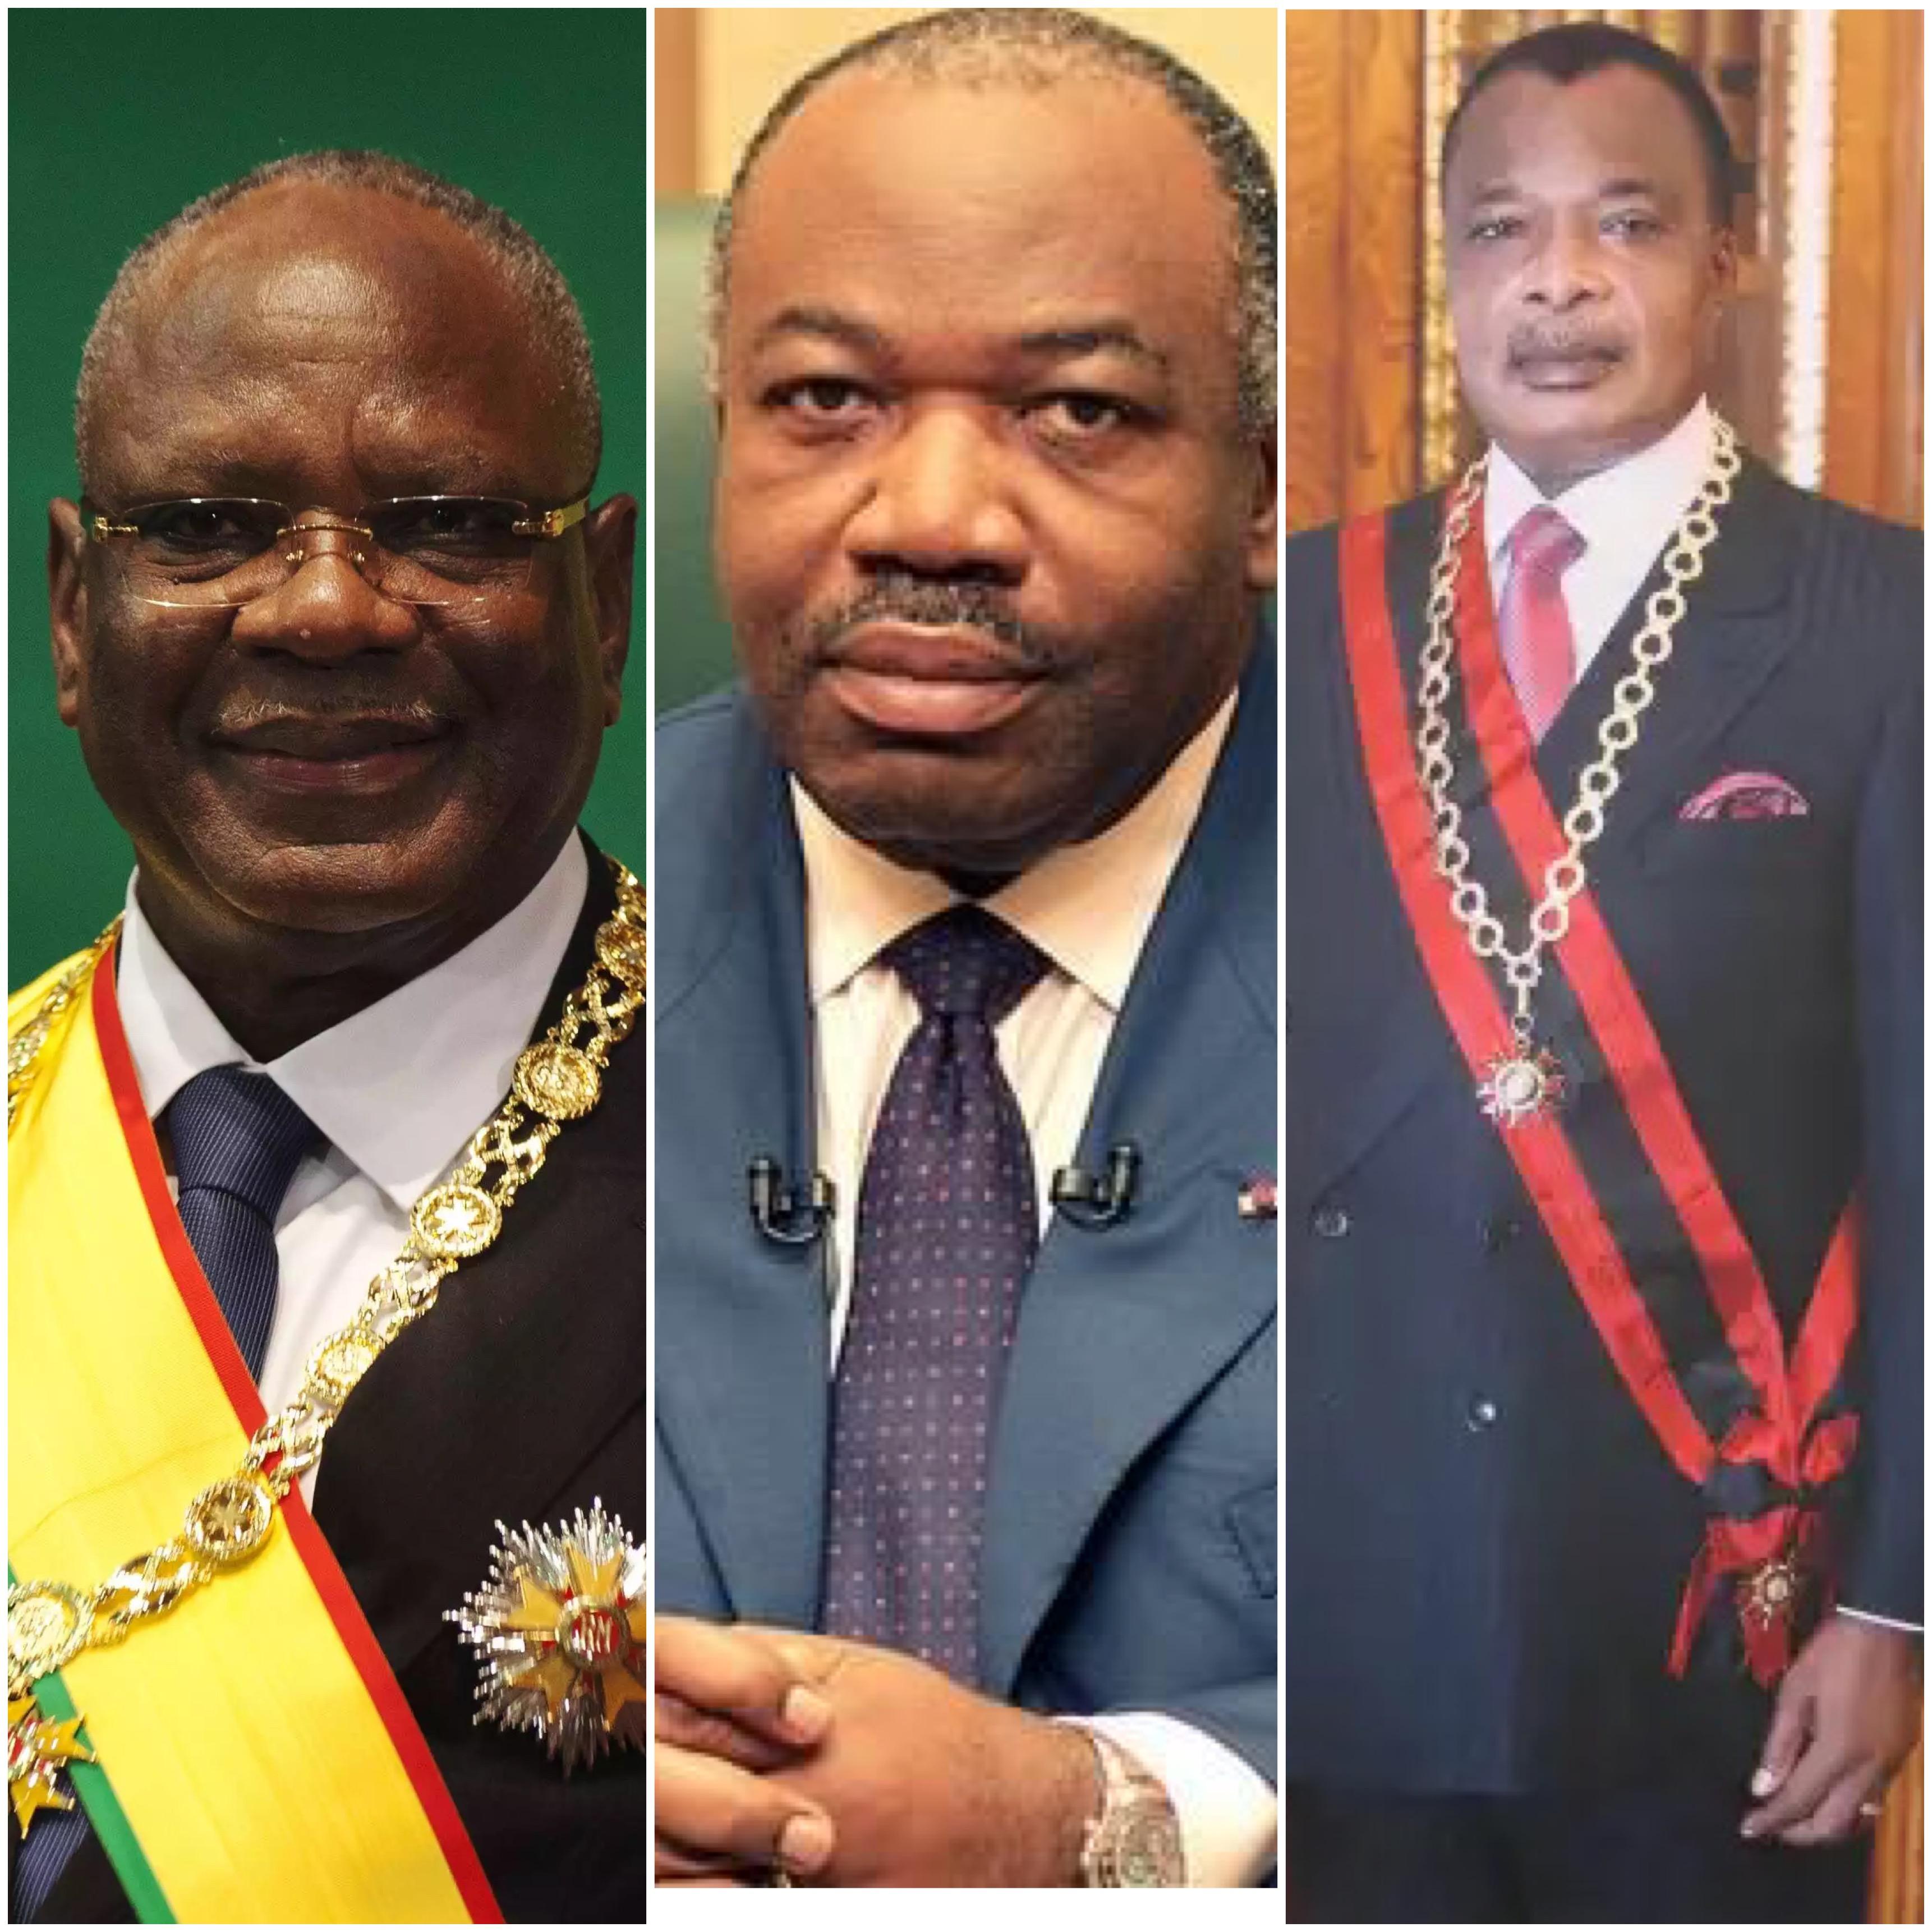 Enquêtes françaises sur les biens mal acquis : Quand l'Afrique braque l'Afrique